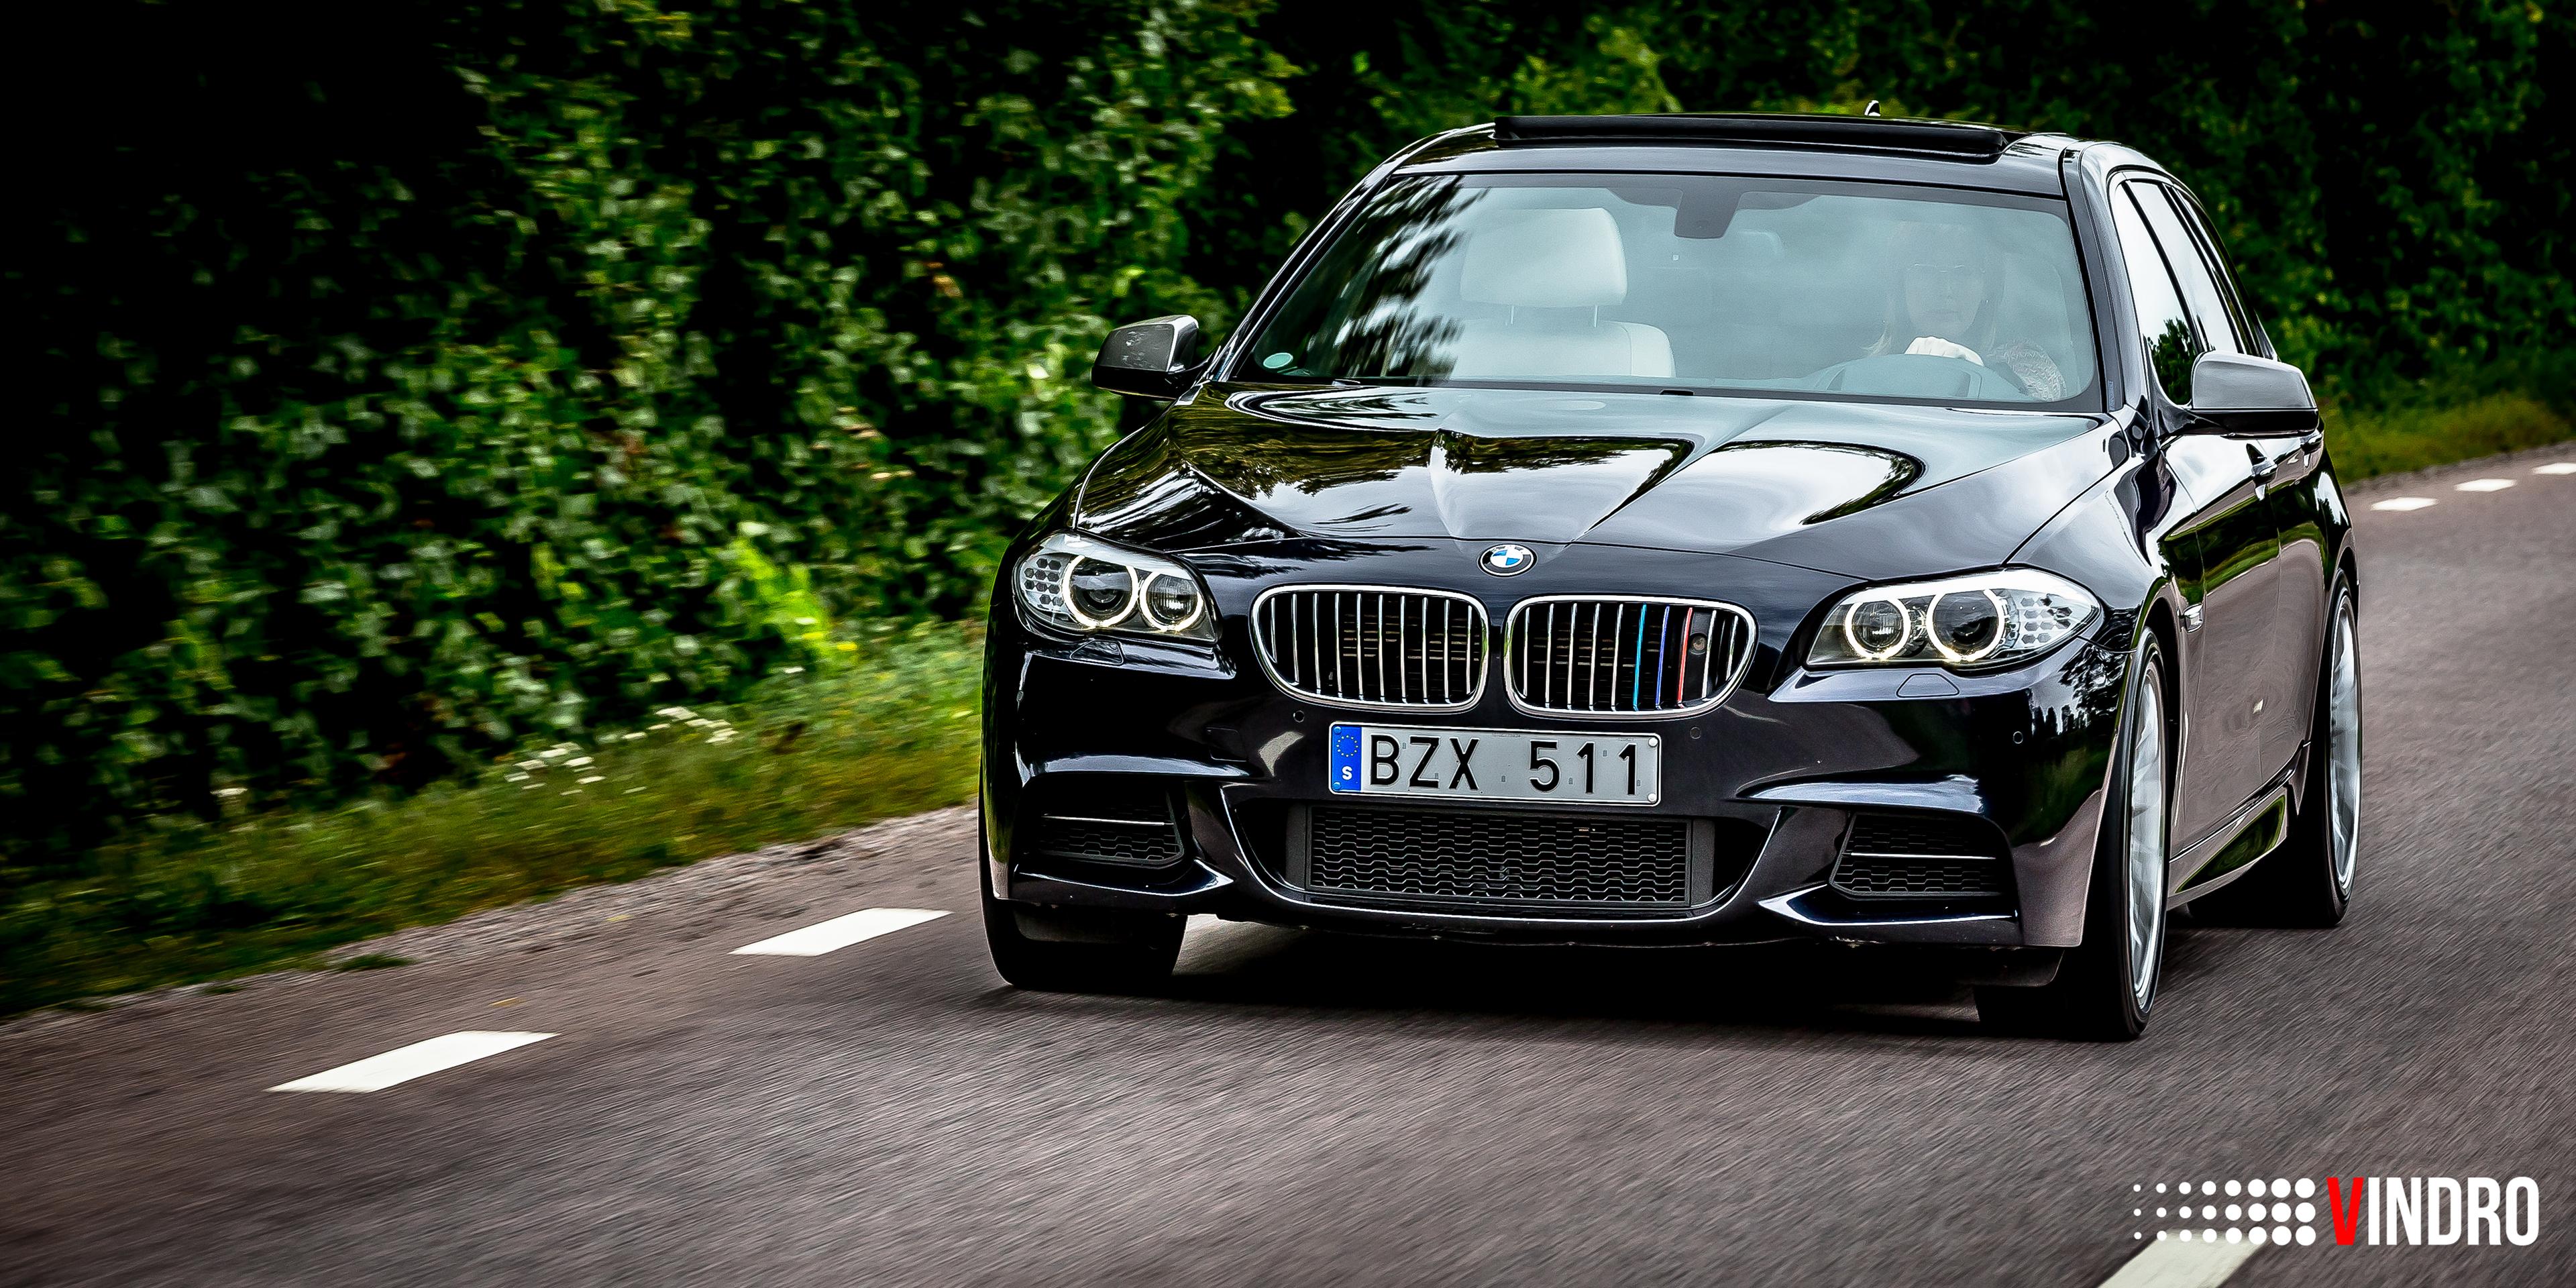 BMW REKLAM - ETT RULLANDE ÅK